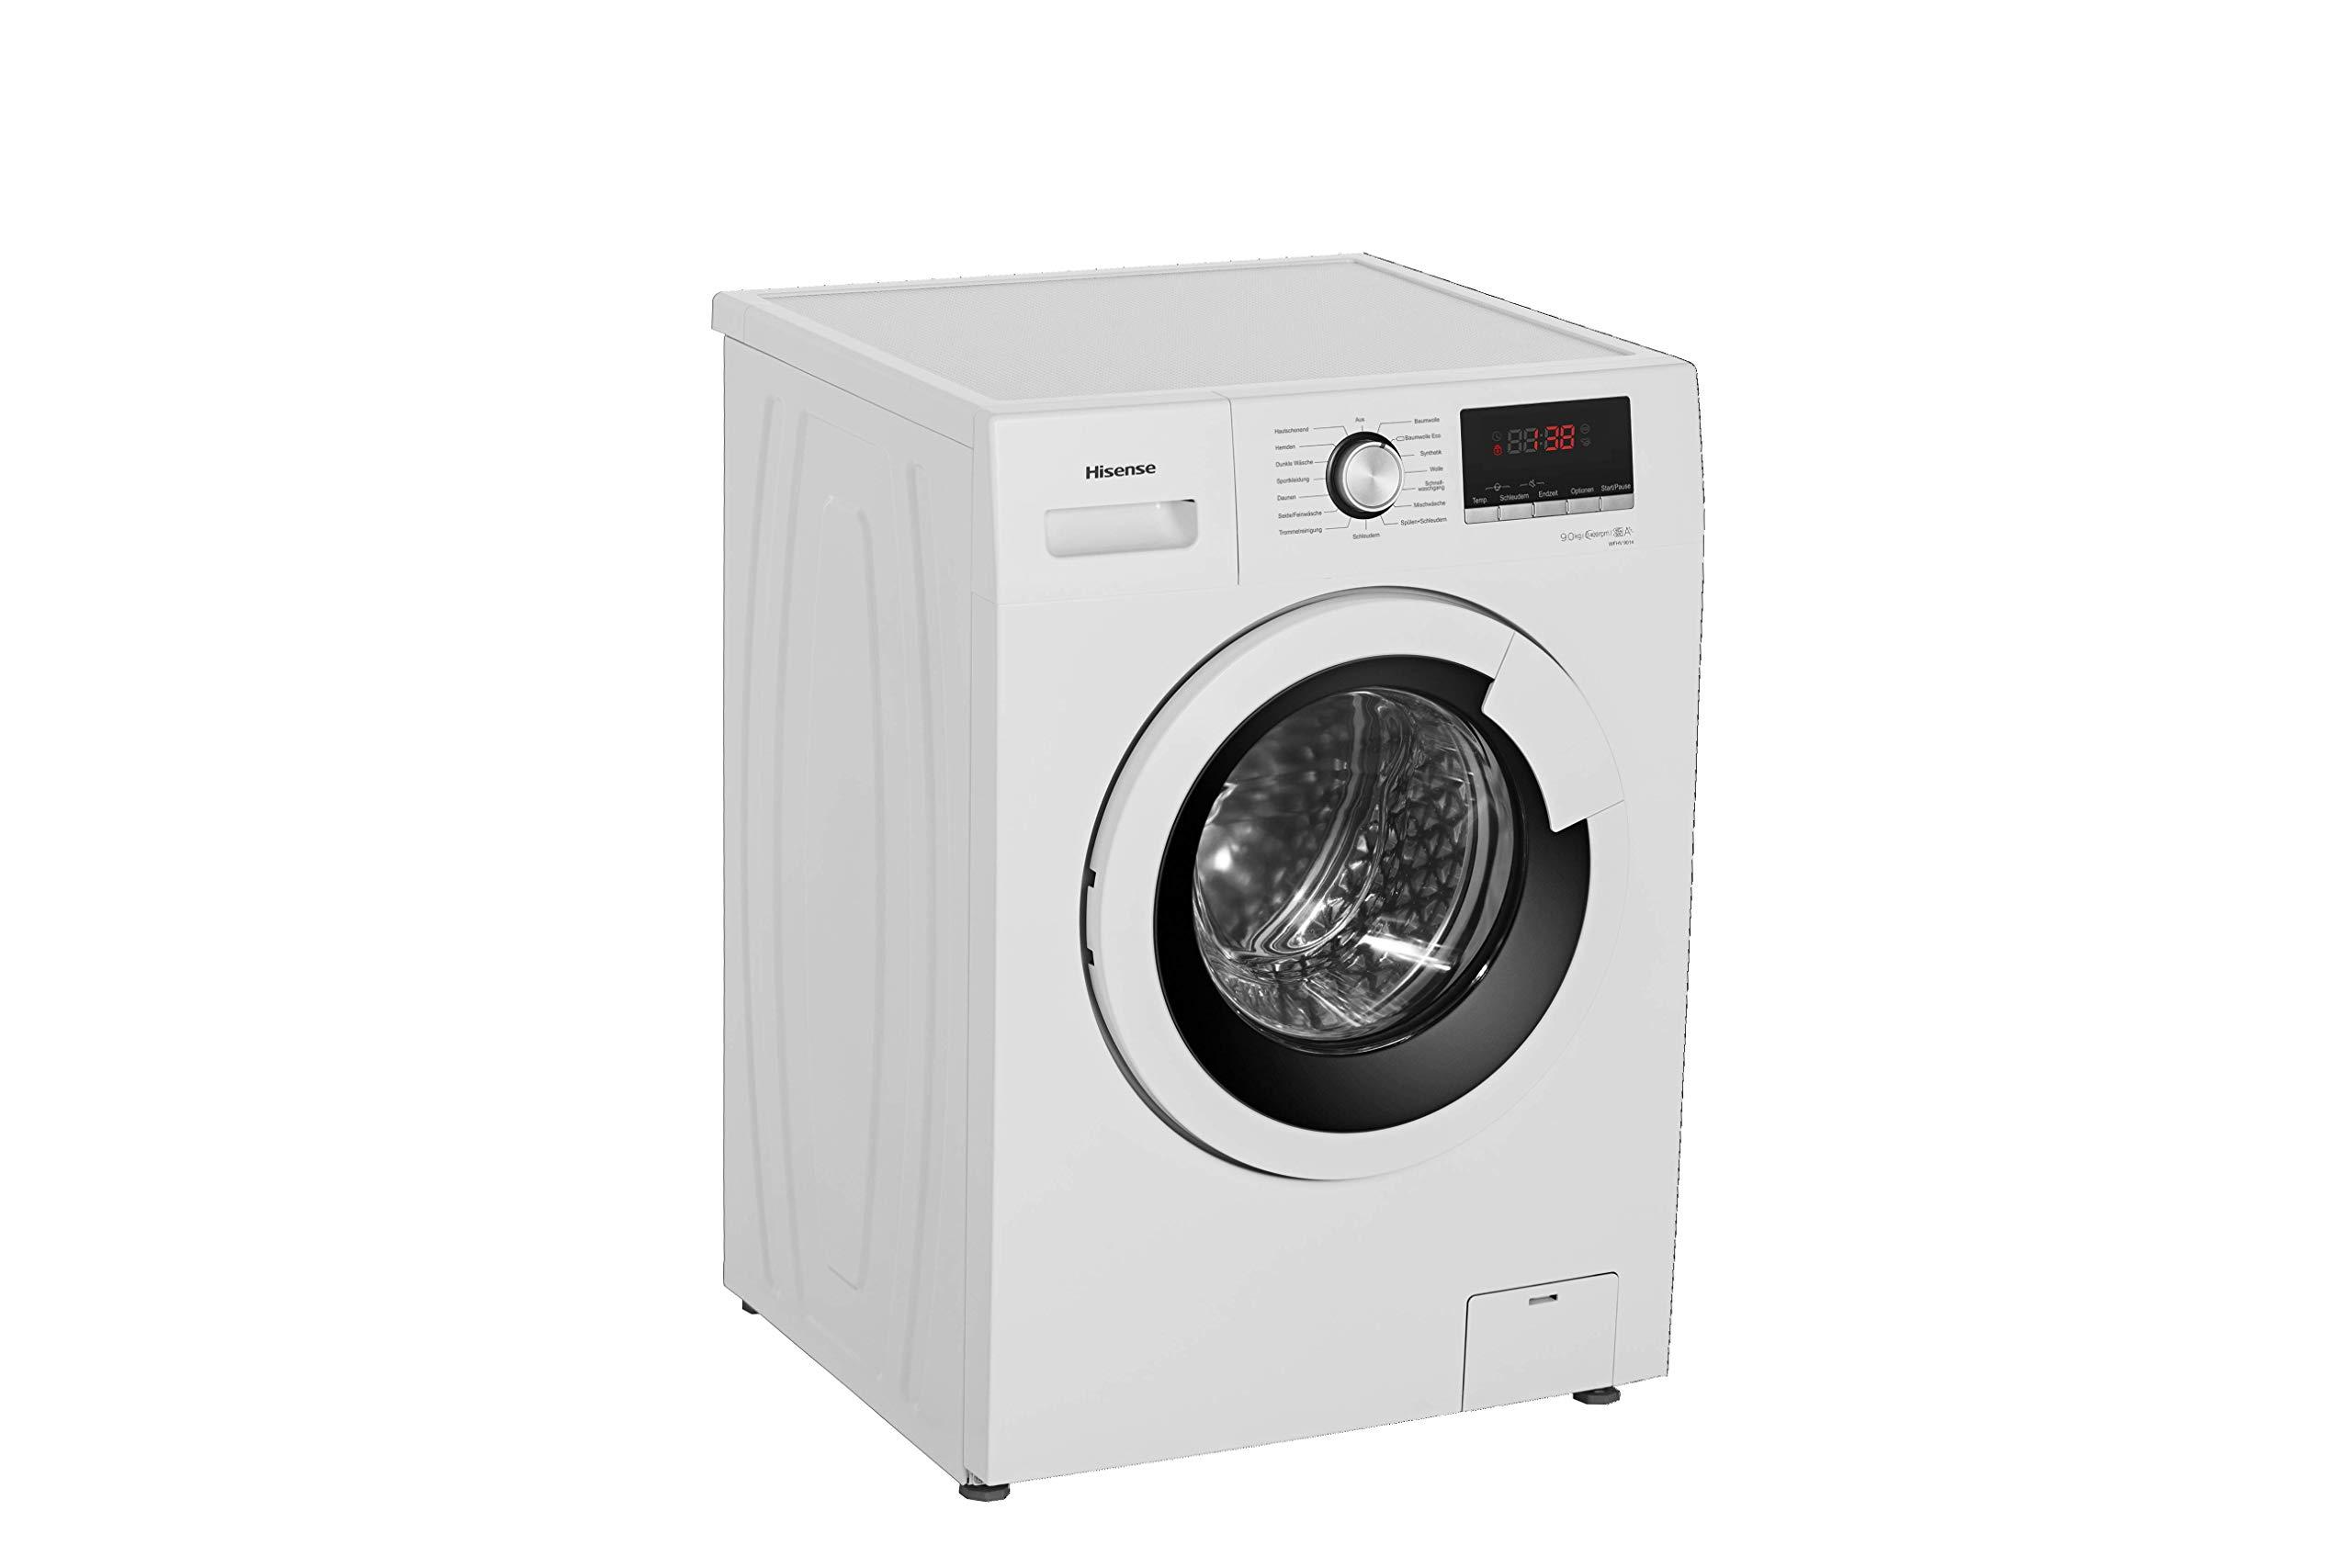 Hisense-WFHV9014-Waschmaschine-FrontladerA-1400UpM-Trommelreinigungsprogramm-reinigt-die-Trommel-ganz-ohne-ChemieWei